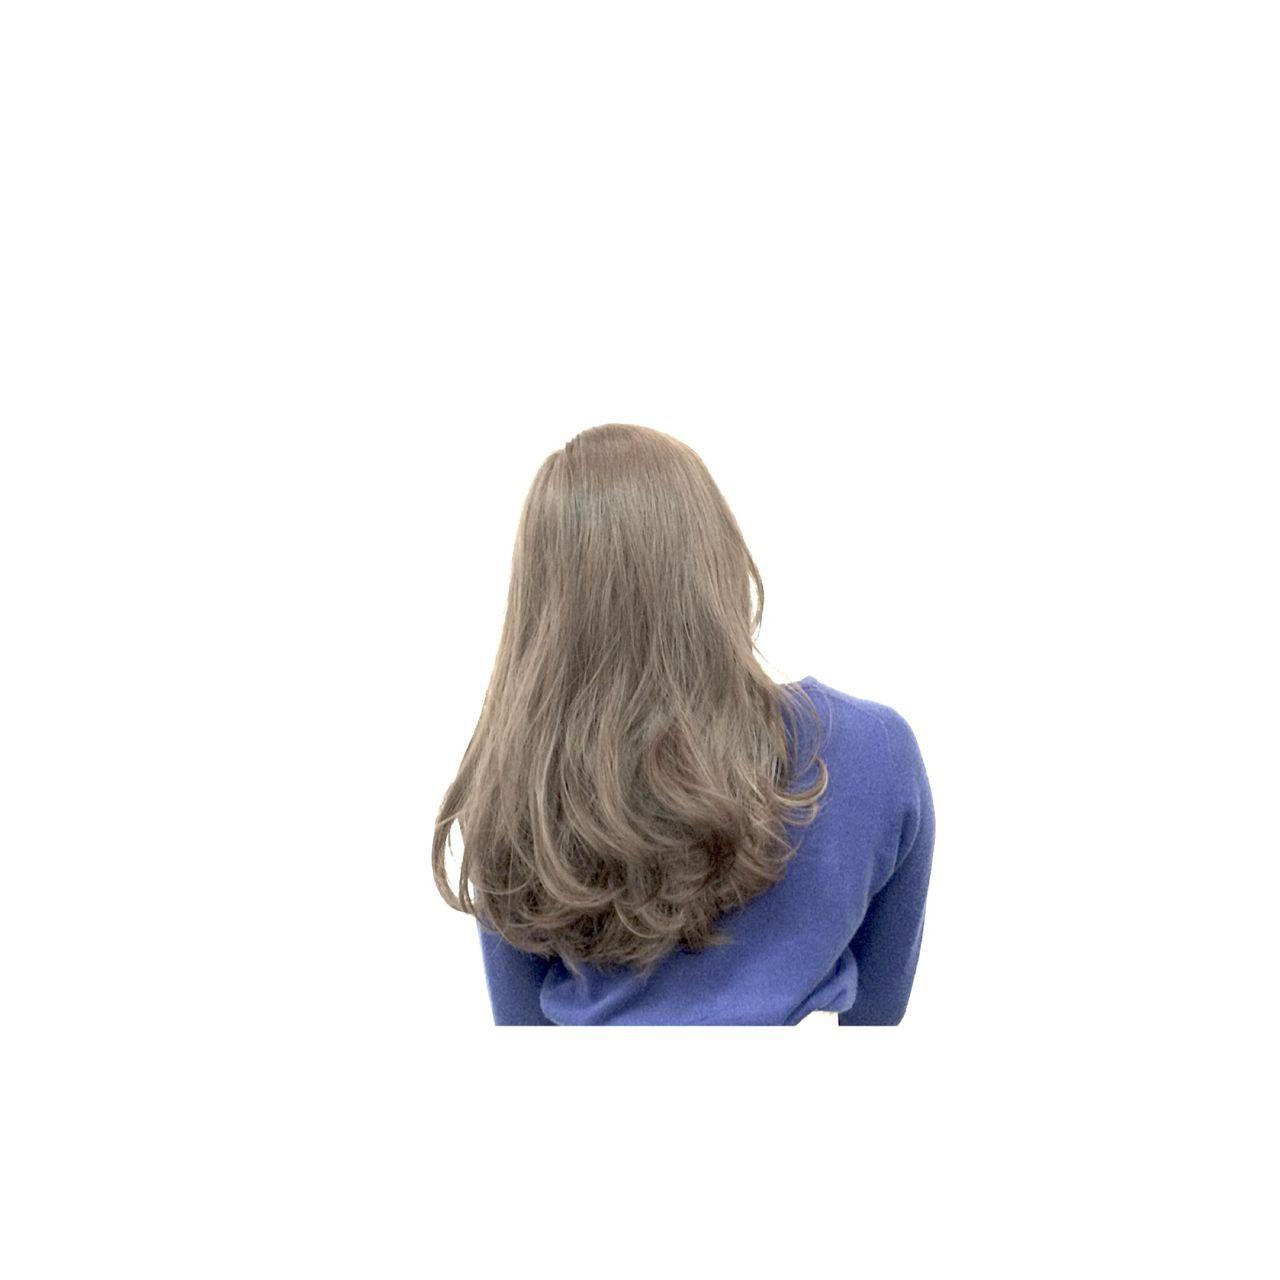 ナチュラル 黒髪 ストリート アッシュヘアスタイルや髪型の写真・画像